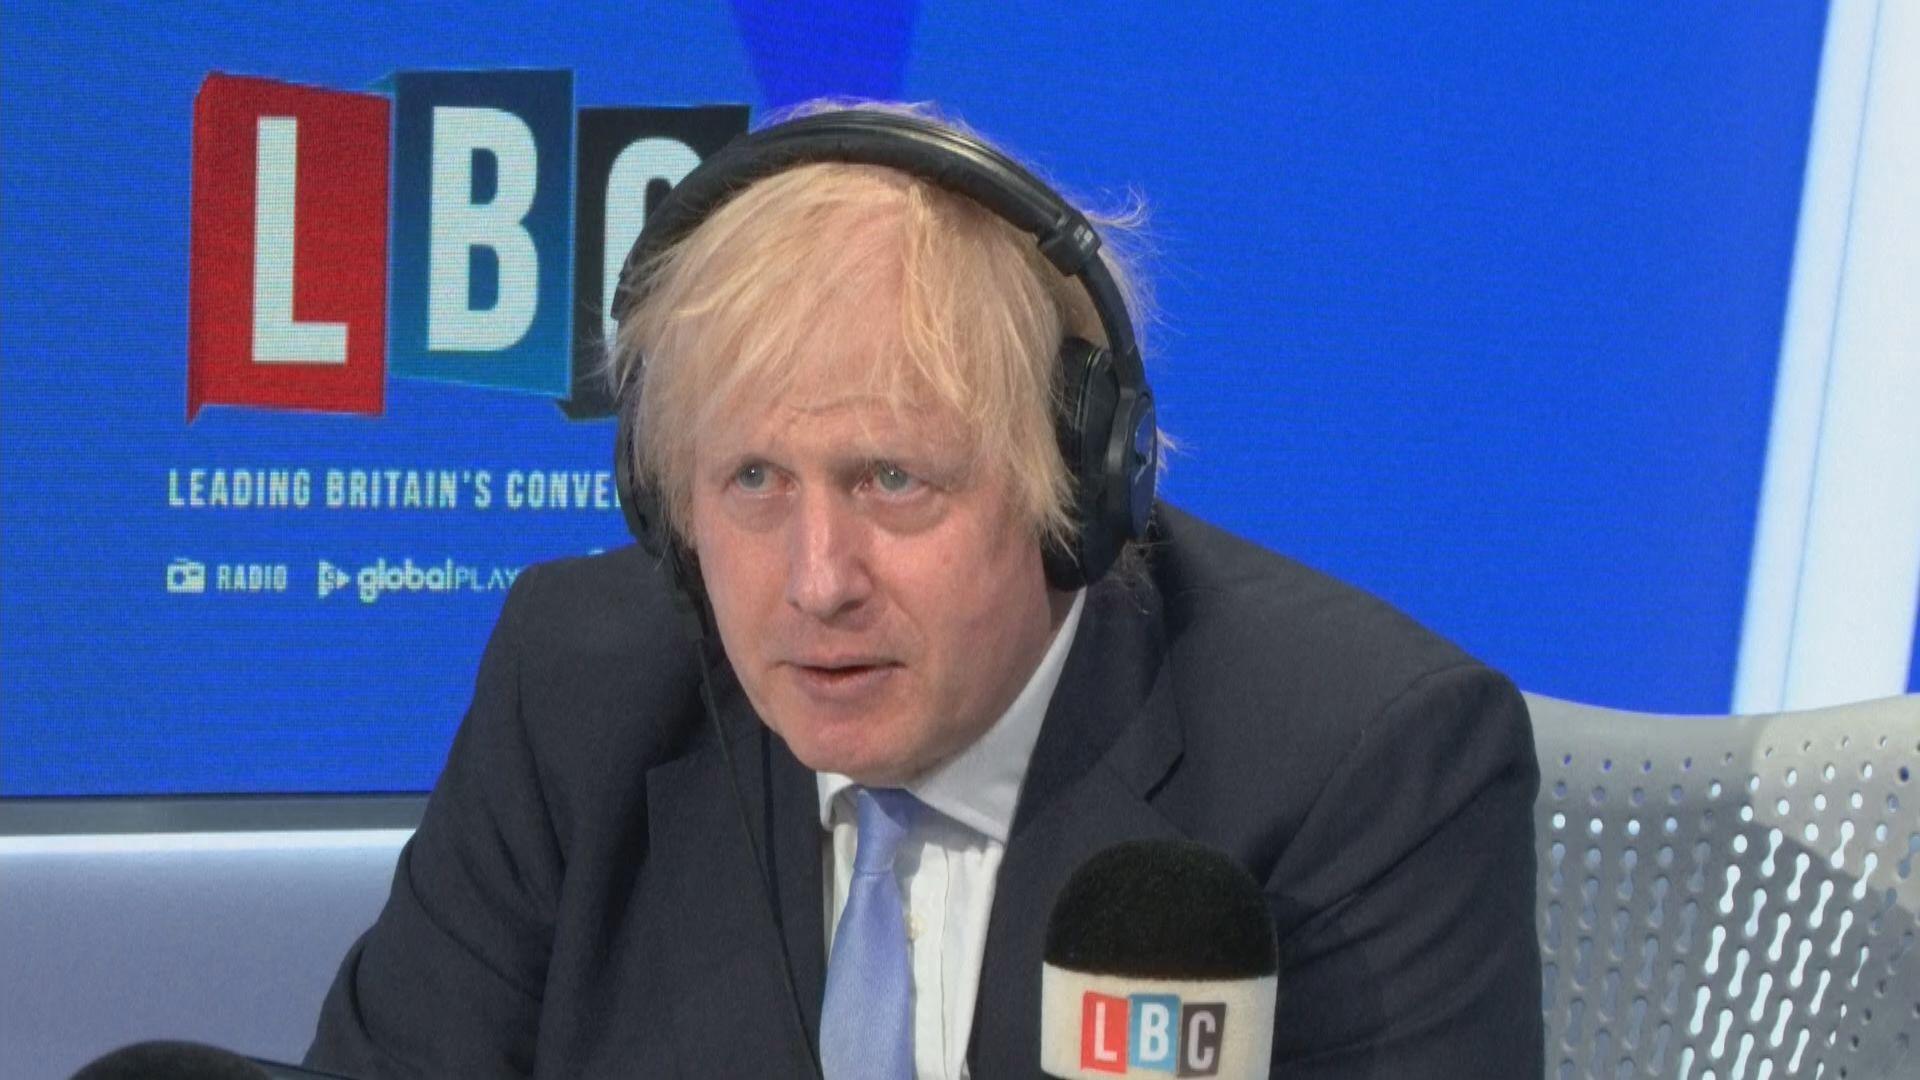 約翰遜指英國應繼續支持港人捍衛自由